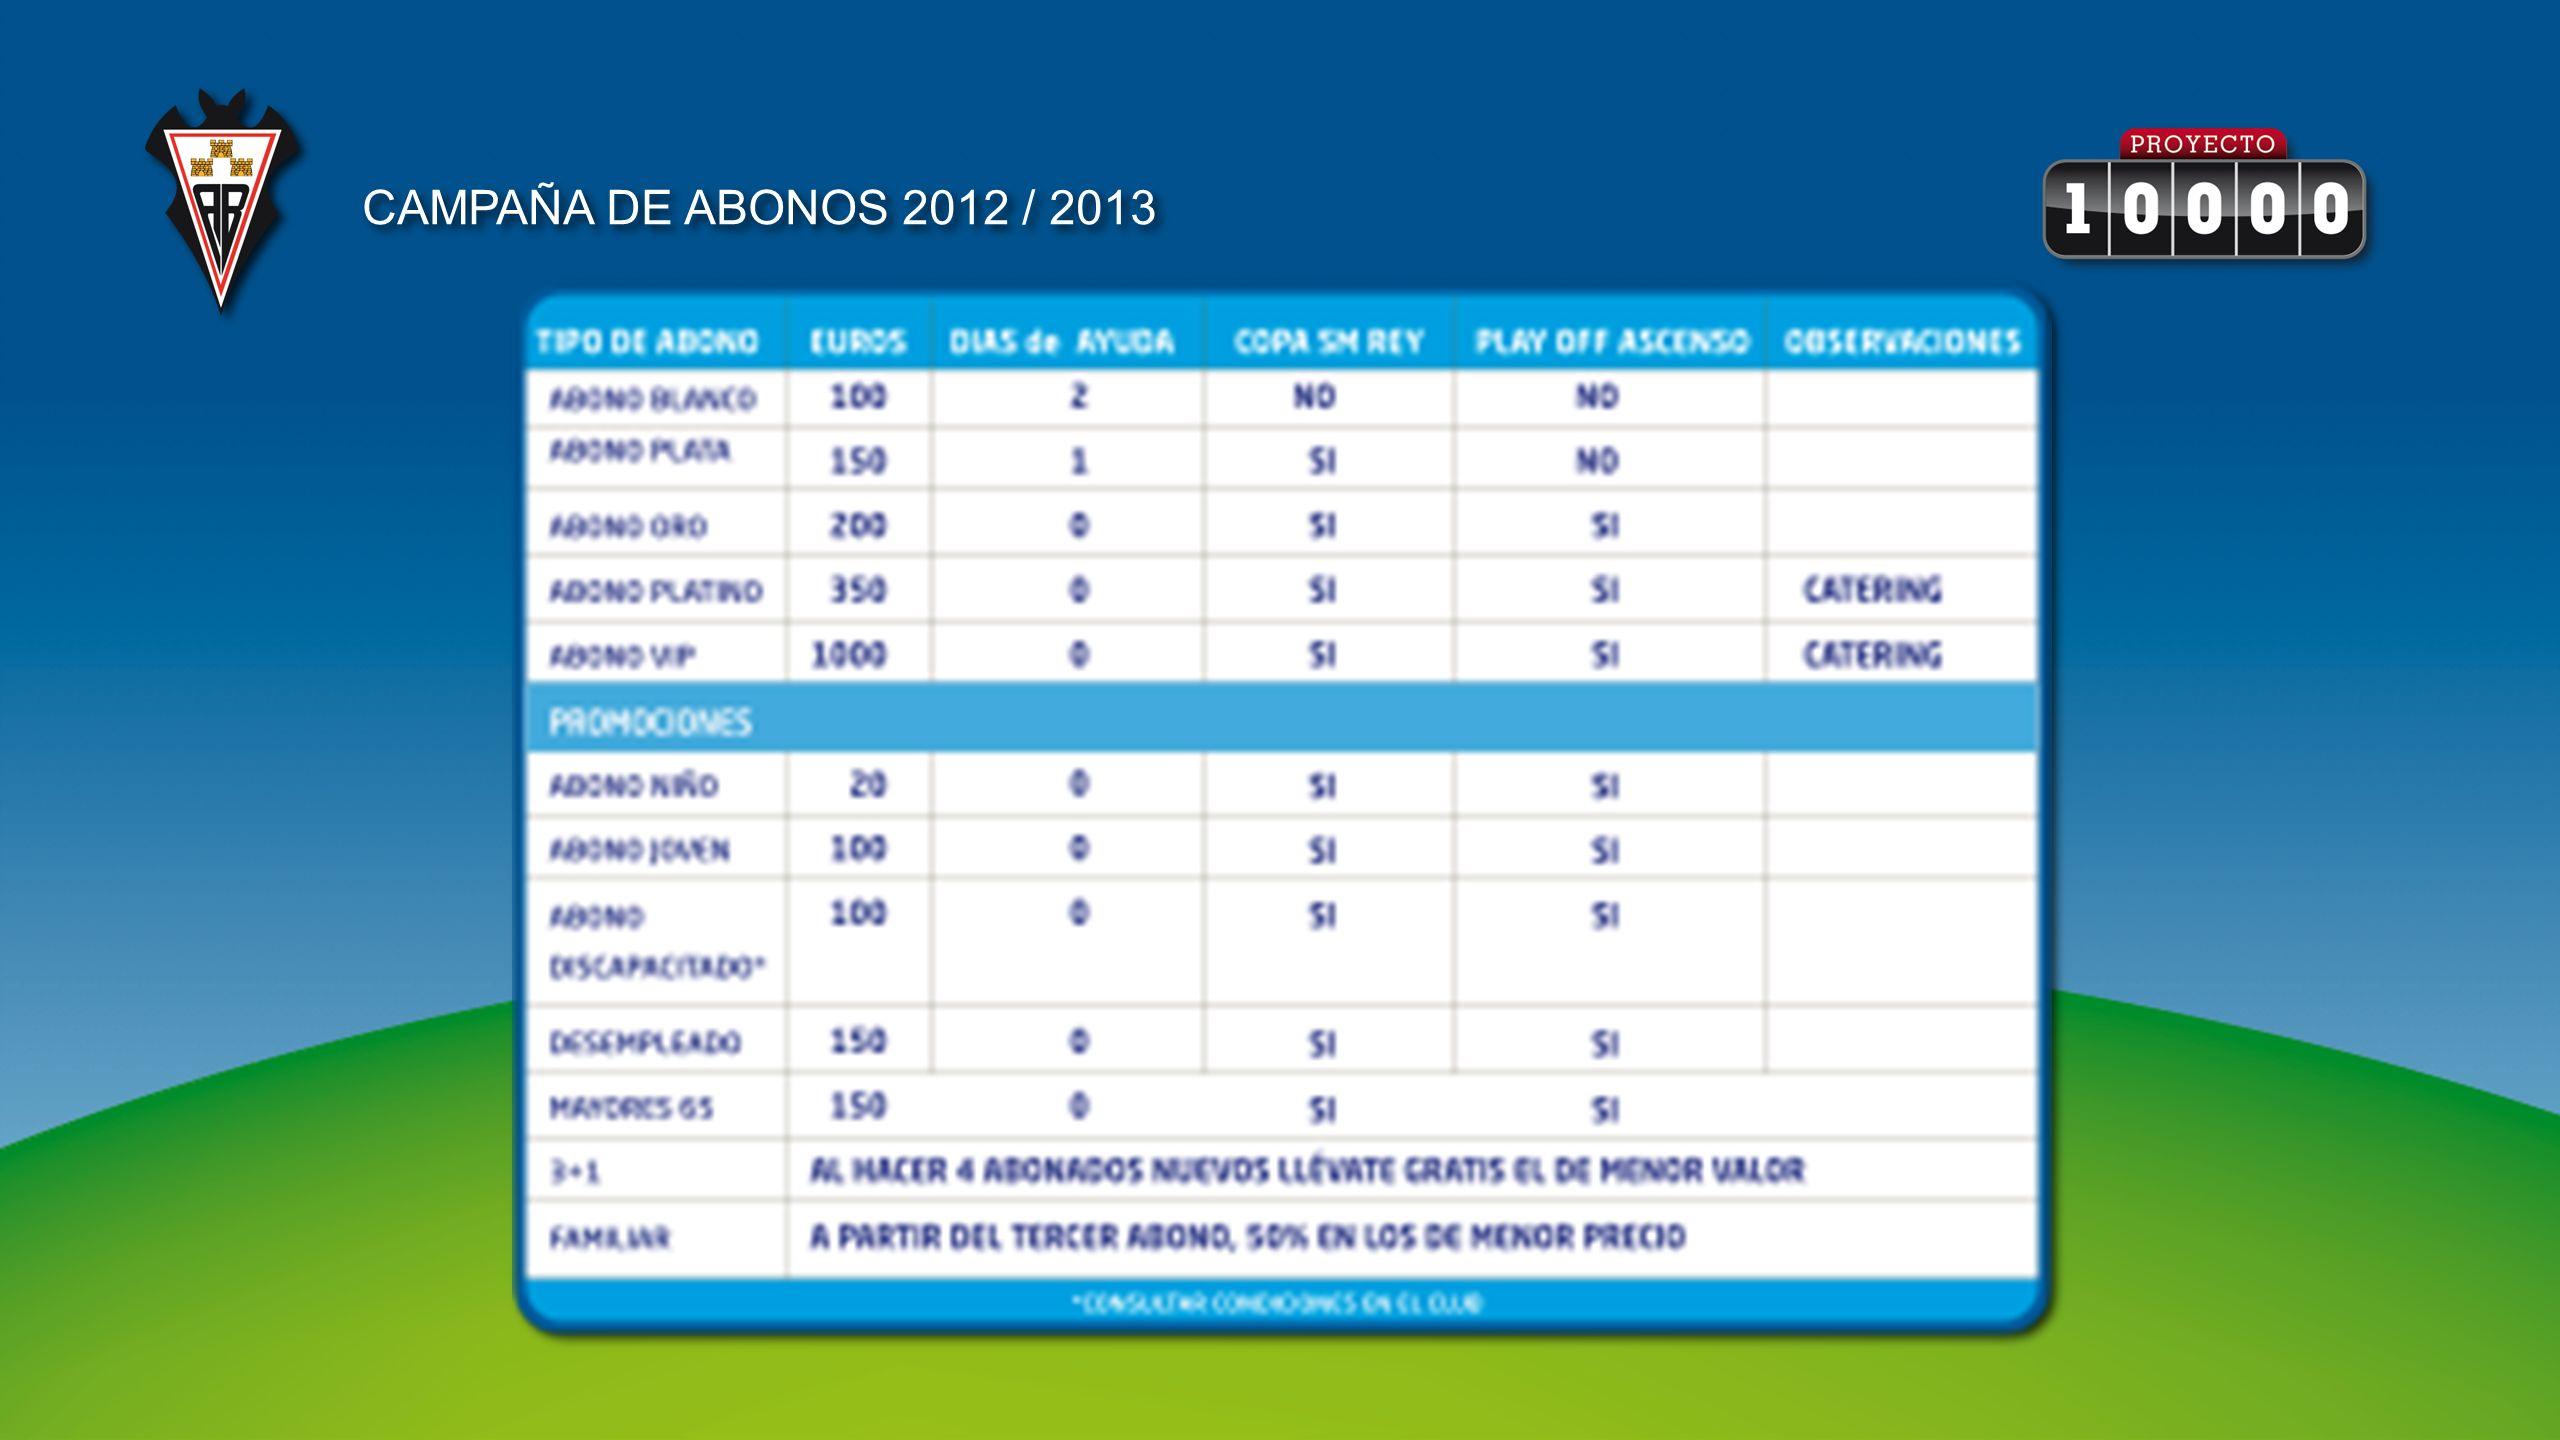 CAMPAÑA DE ABONOS 2012 / 2013